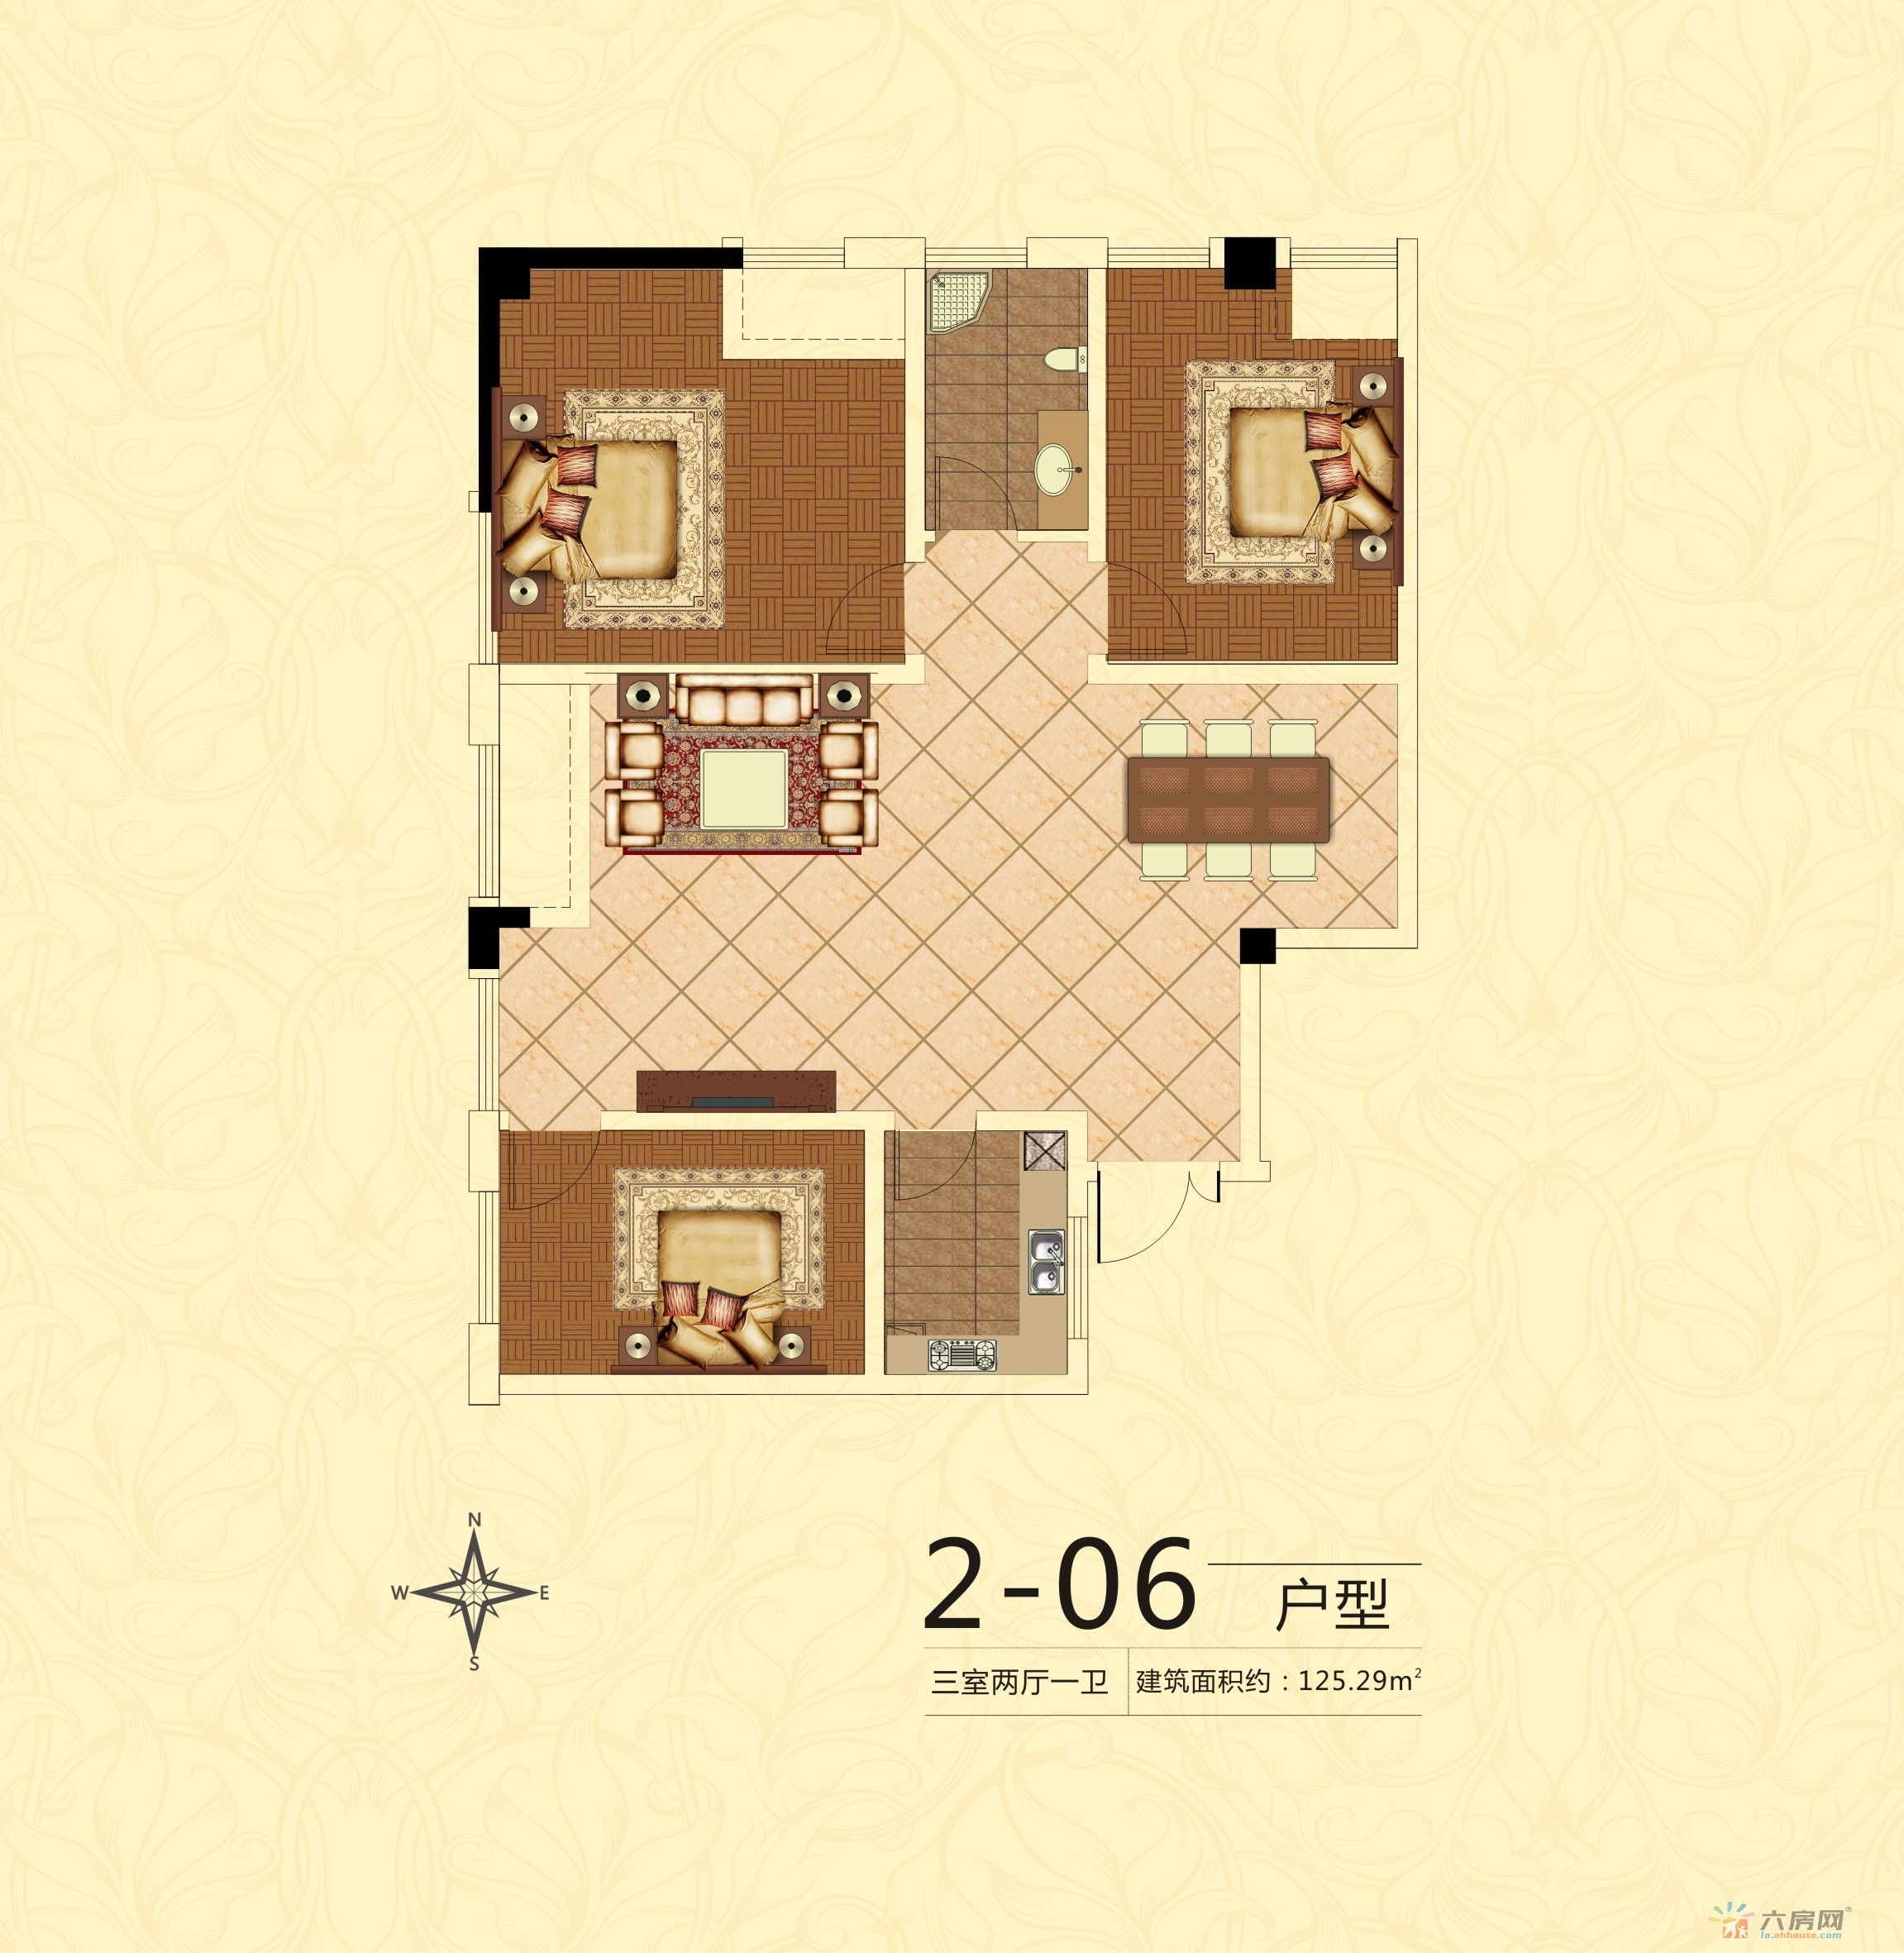 中银广场_3室2厅1卫0厨